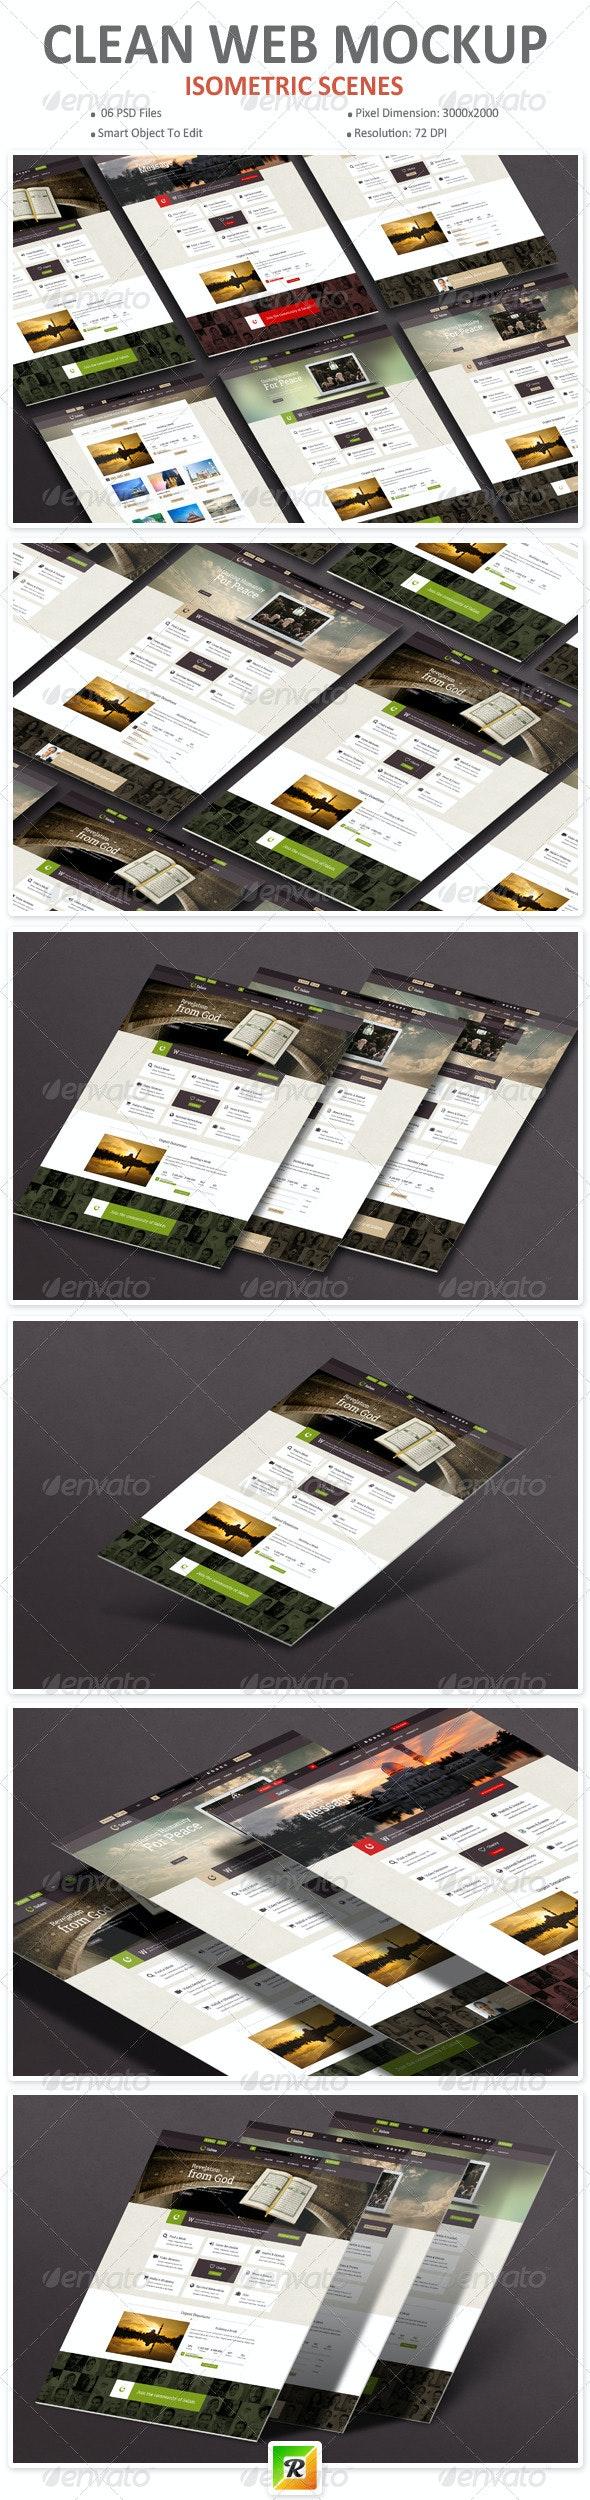 Clean Web Mockup - Website Displays